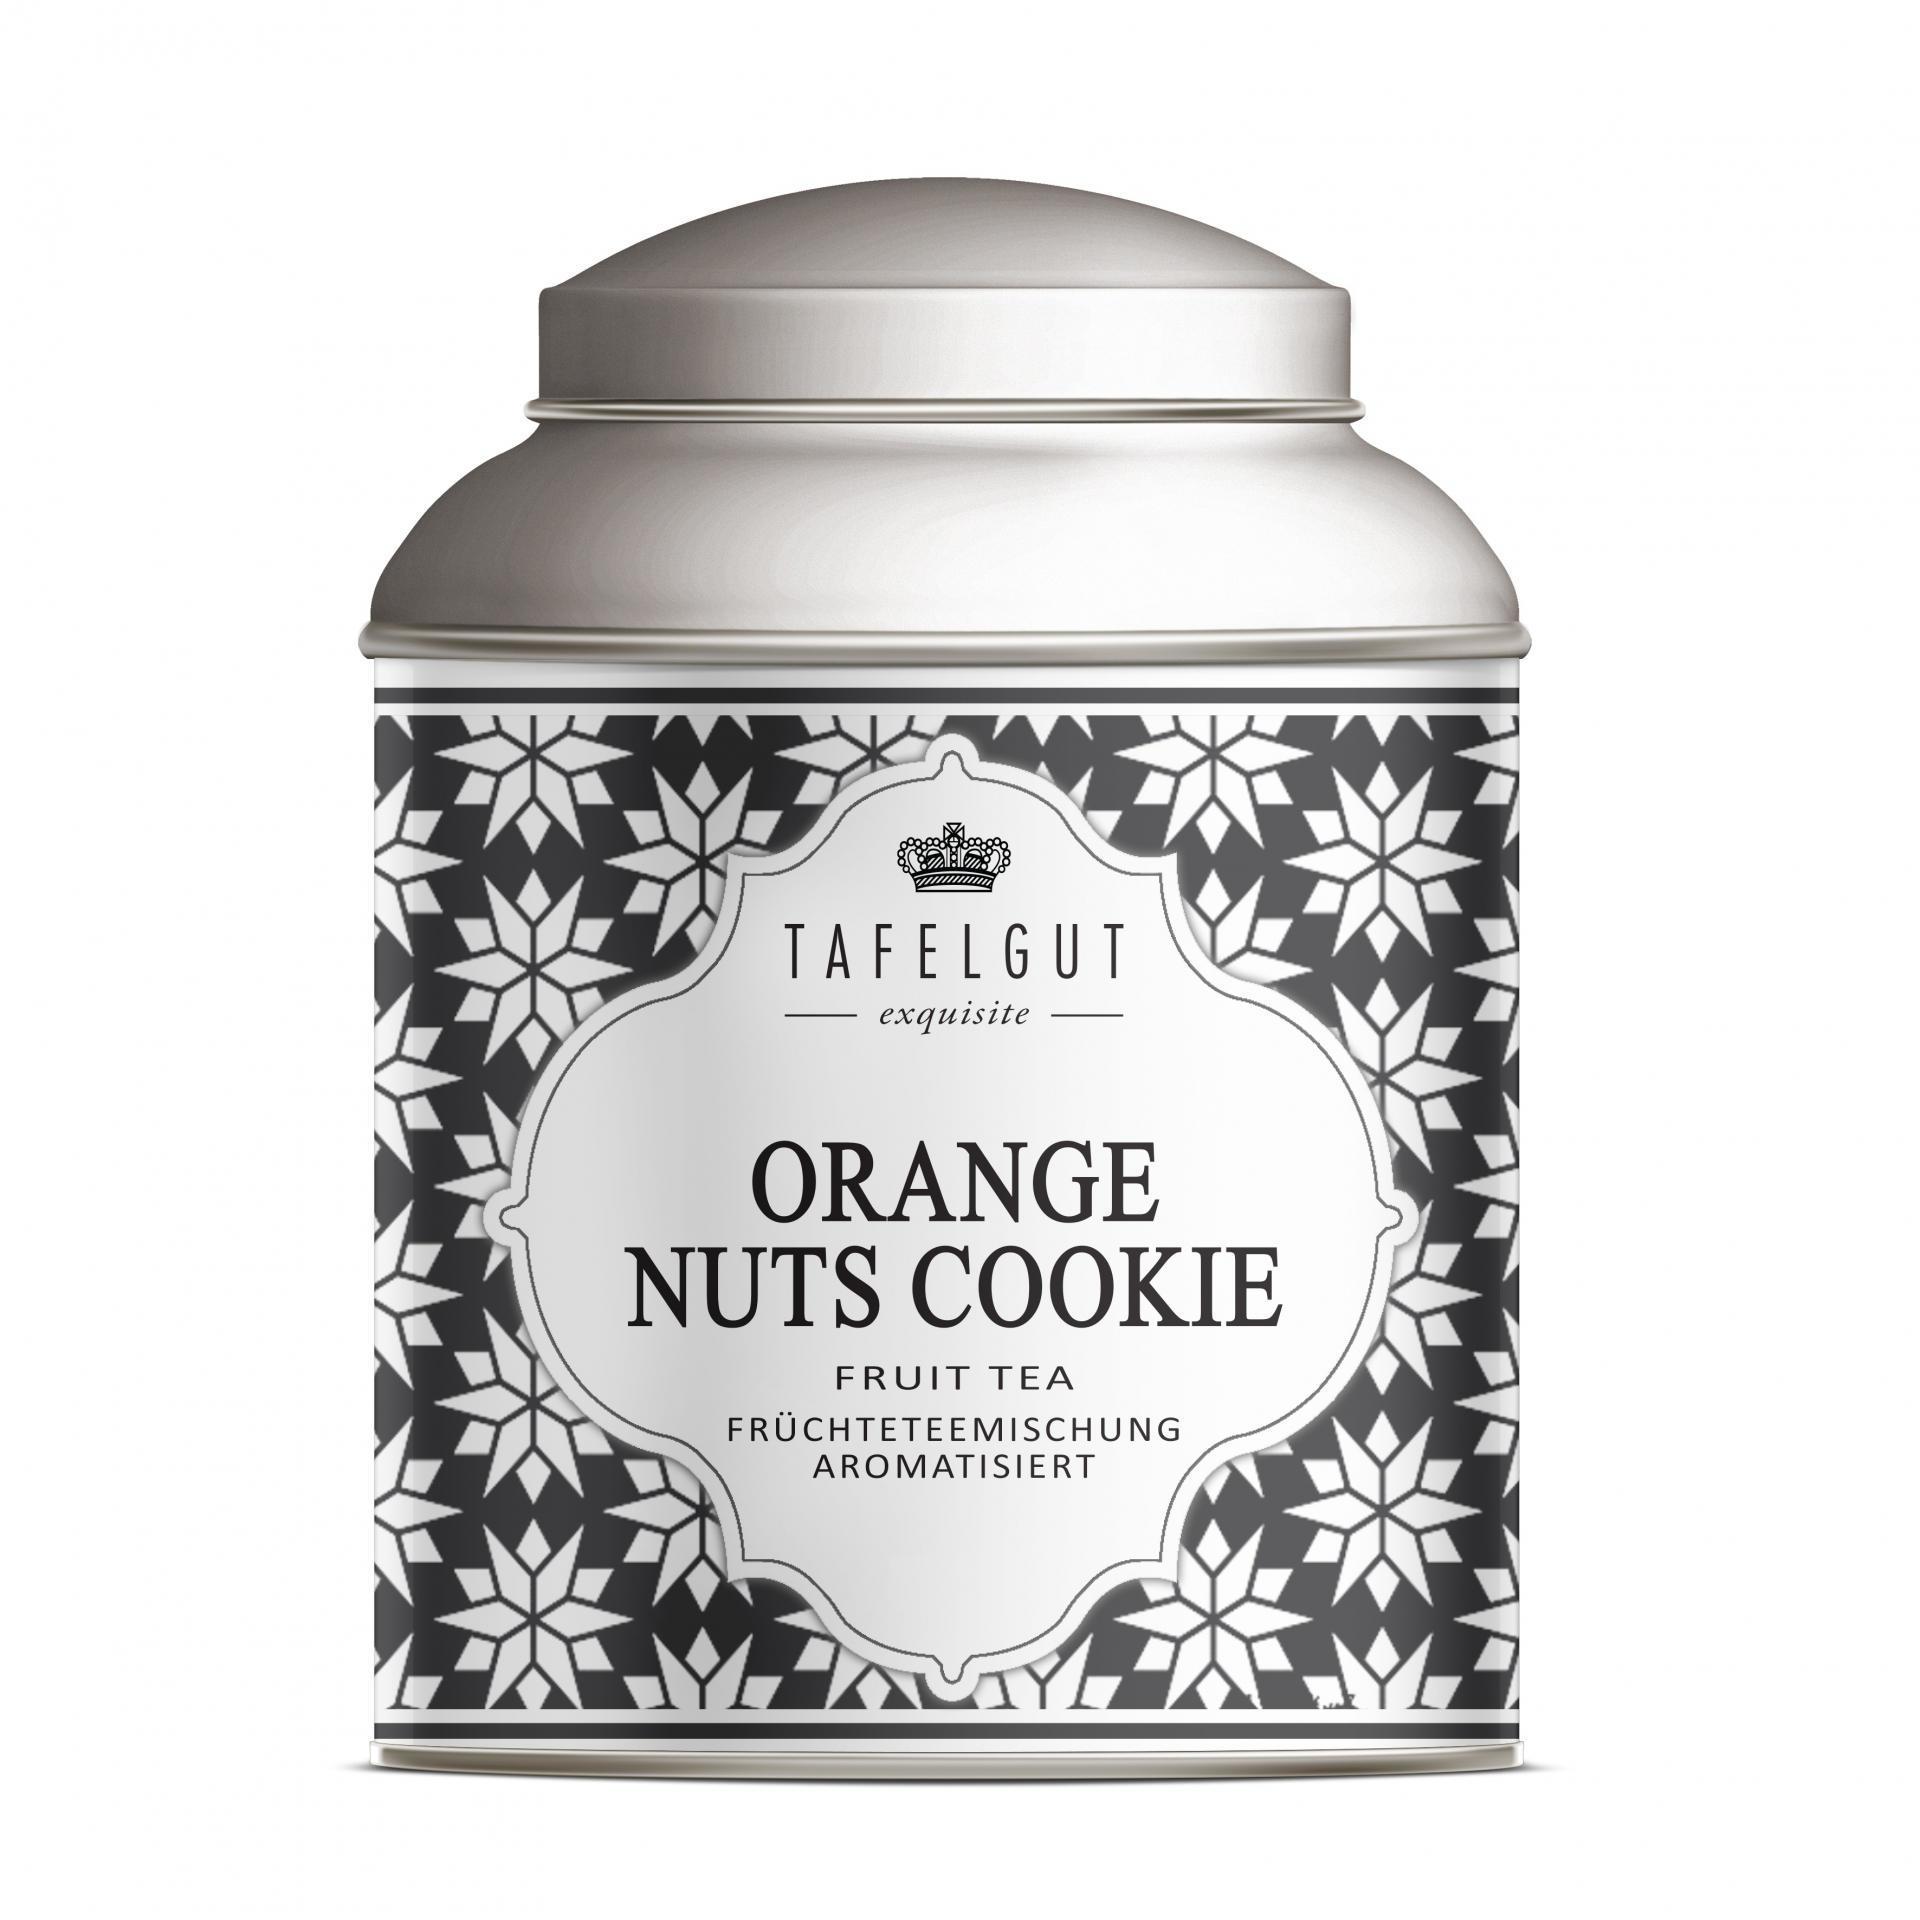 TAFELGUT Mini ovocný čaj Orange Nuts Cookie - 40gr, černá barva, kov